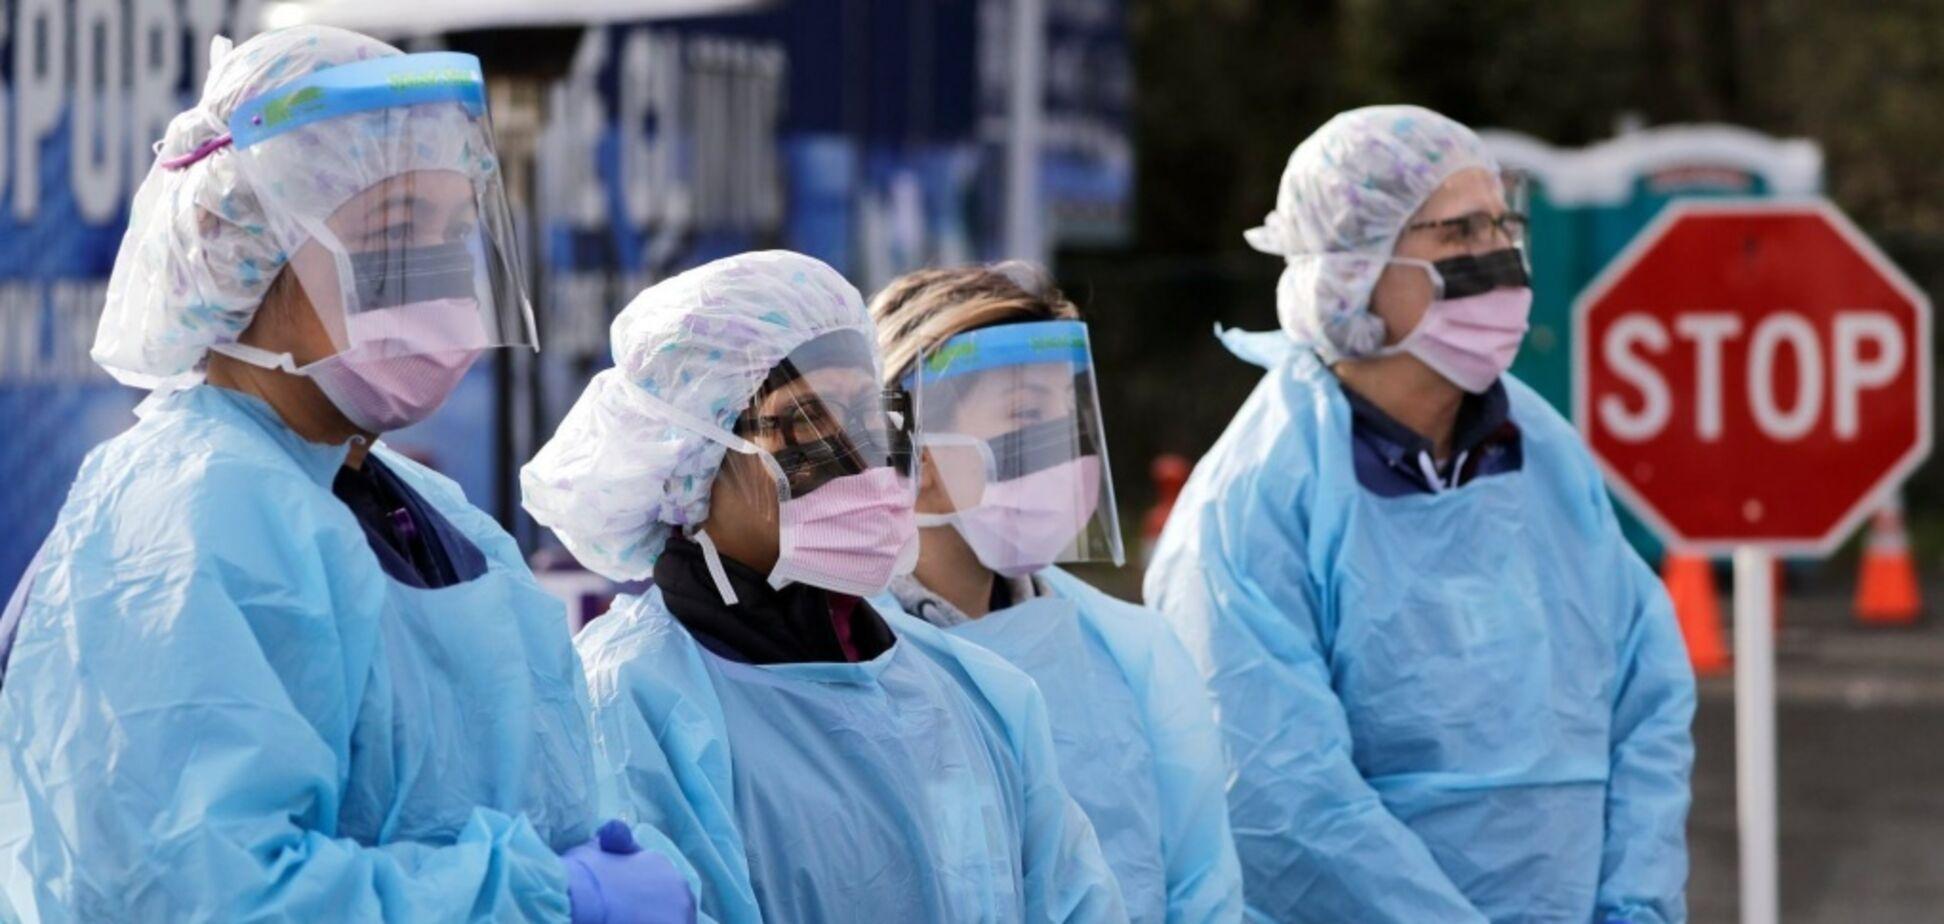 Українських медиків з закритими очима заберуть європейські країни